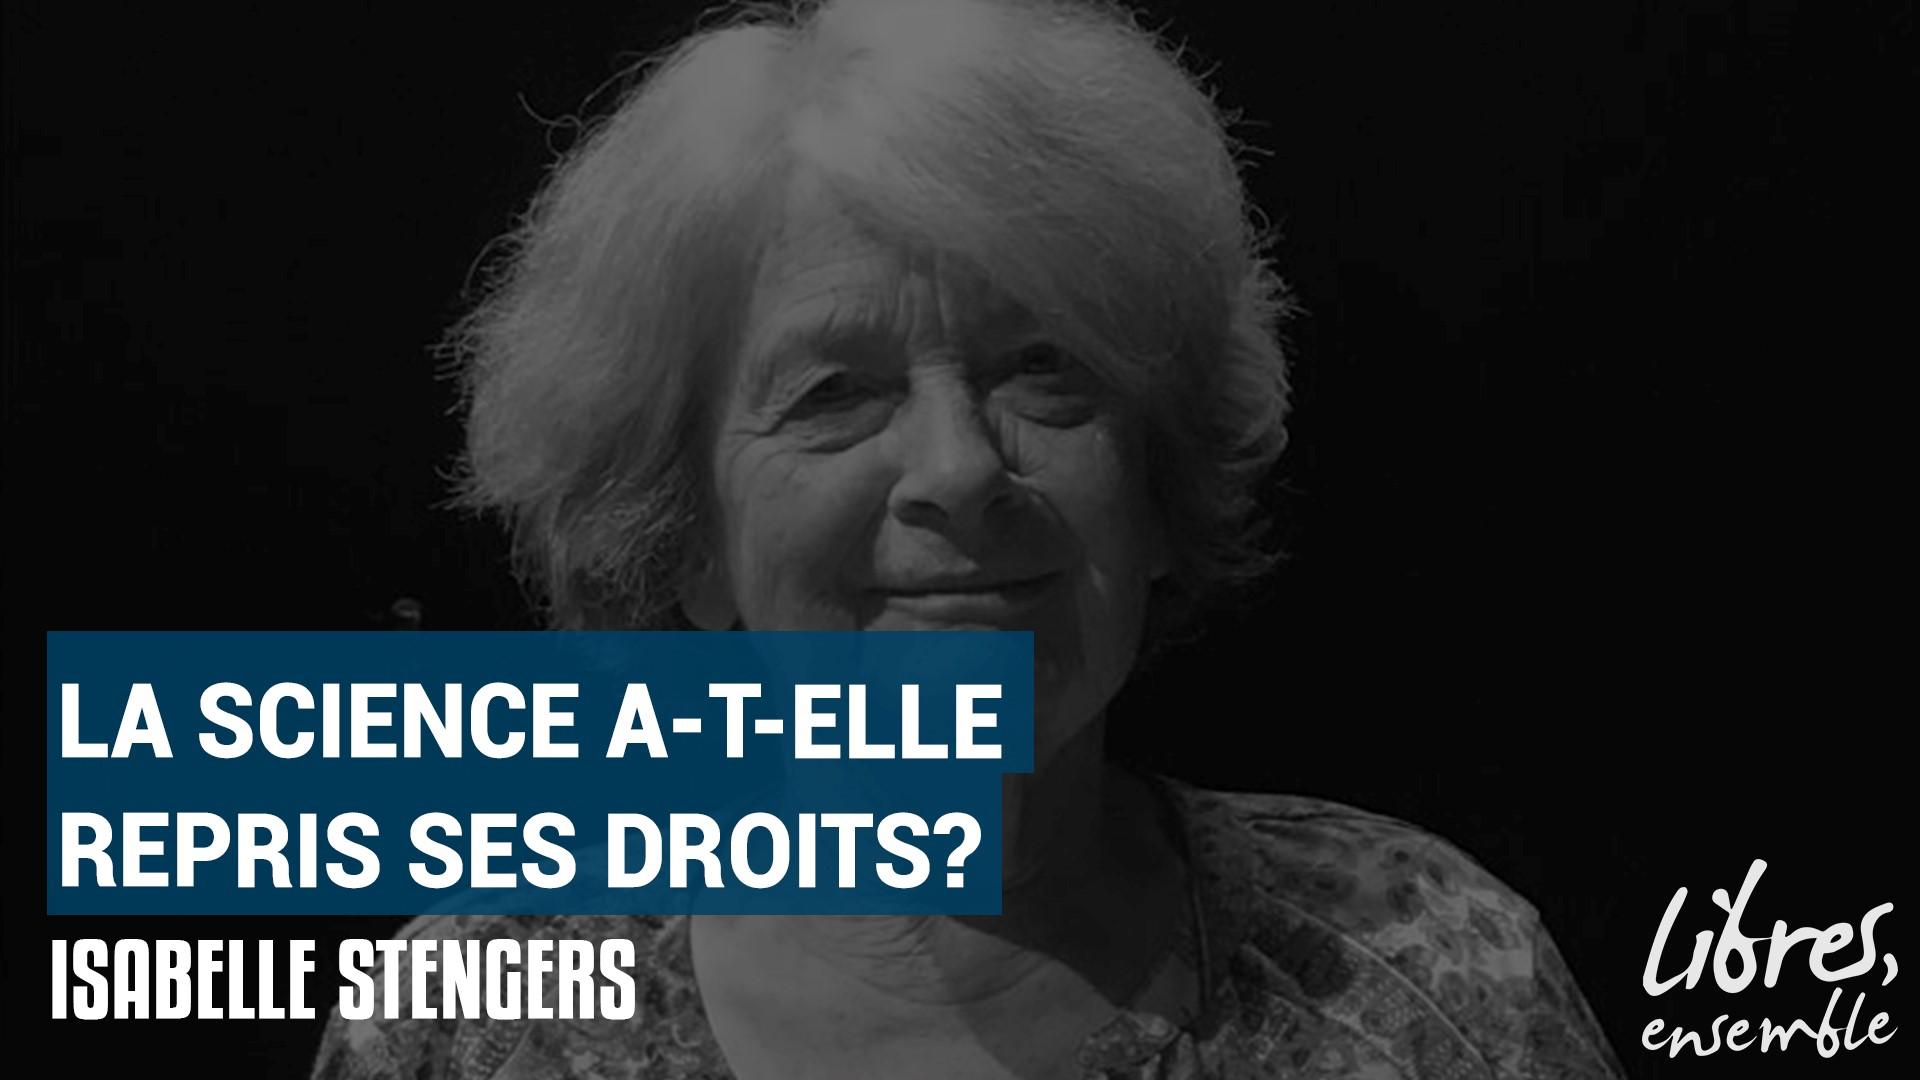 La science a-t-elle repris ses droits? – Entretien avec Isabelle Stengers